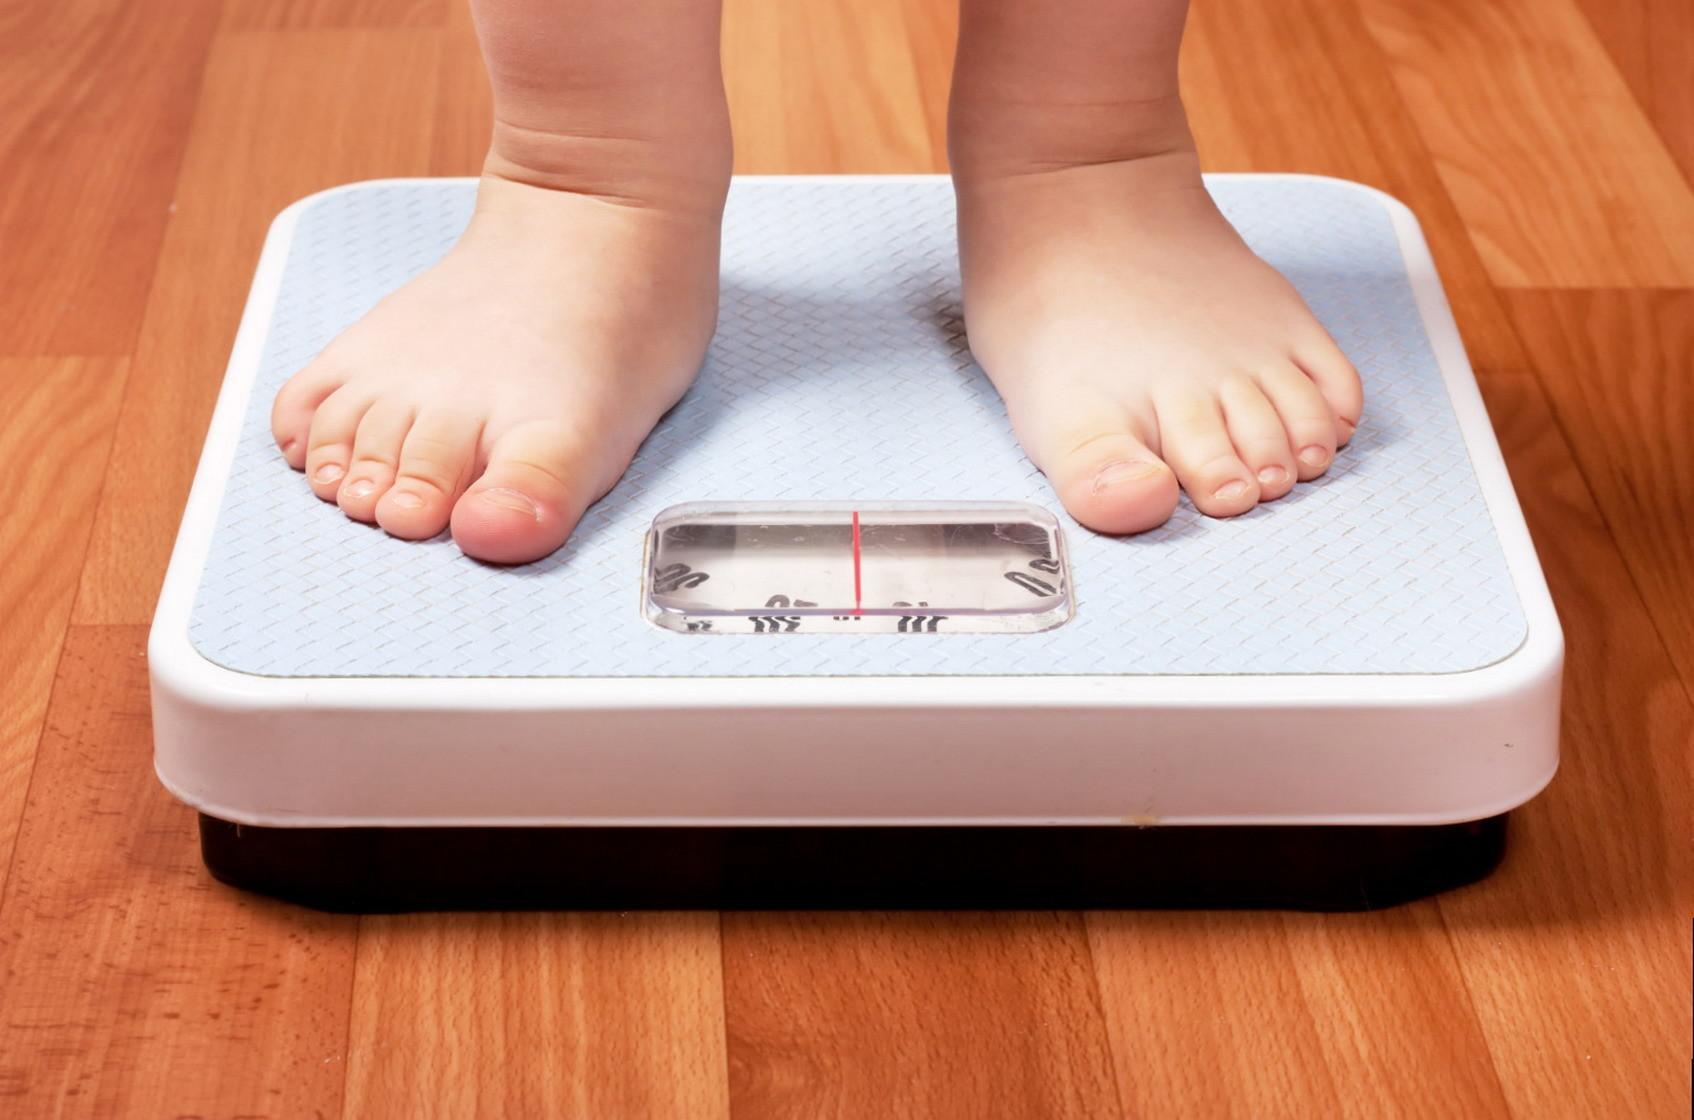 Ученые выяснили, что вес ребенка напрямую зависит от отношений с родителями